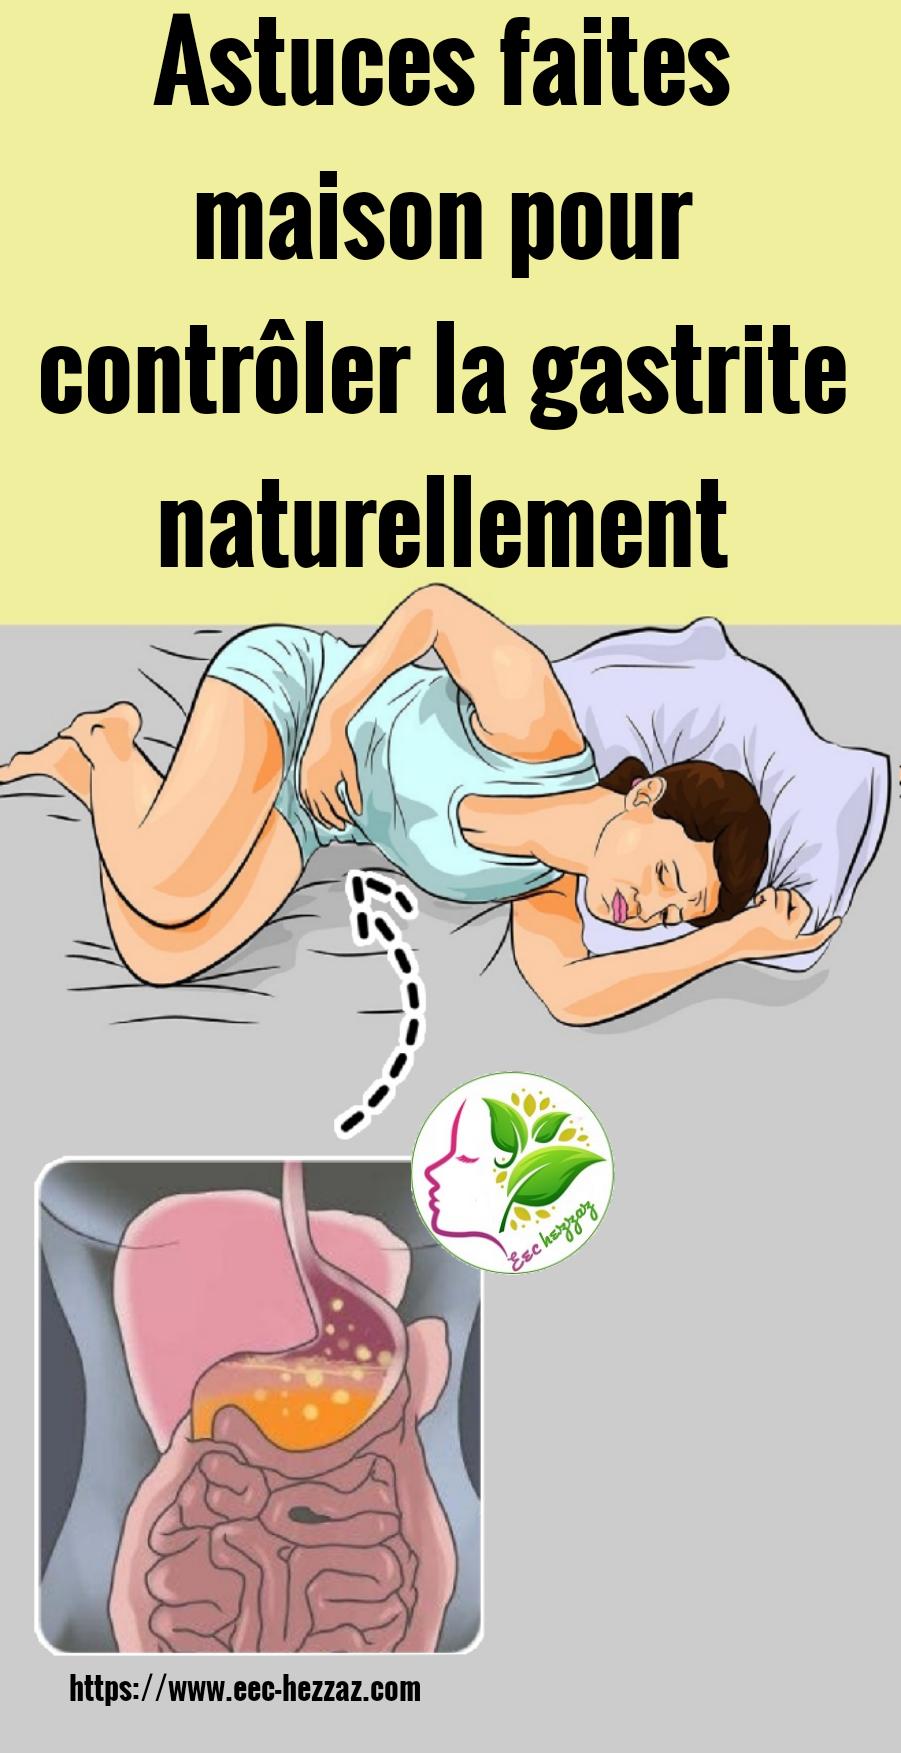 Astuces faites maison pour contrôler la gastrite naturellement